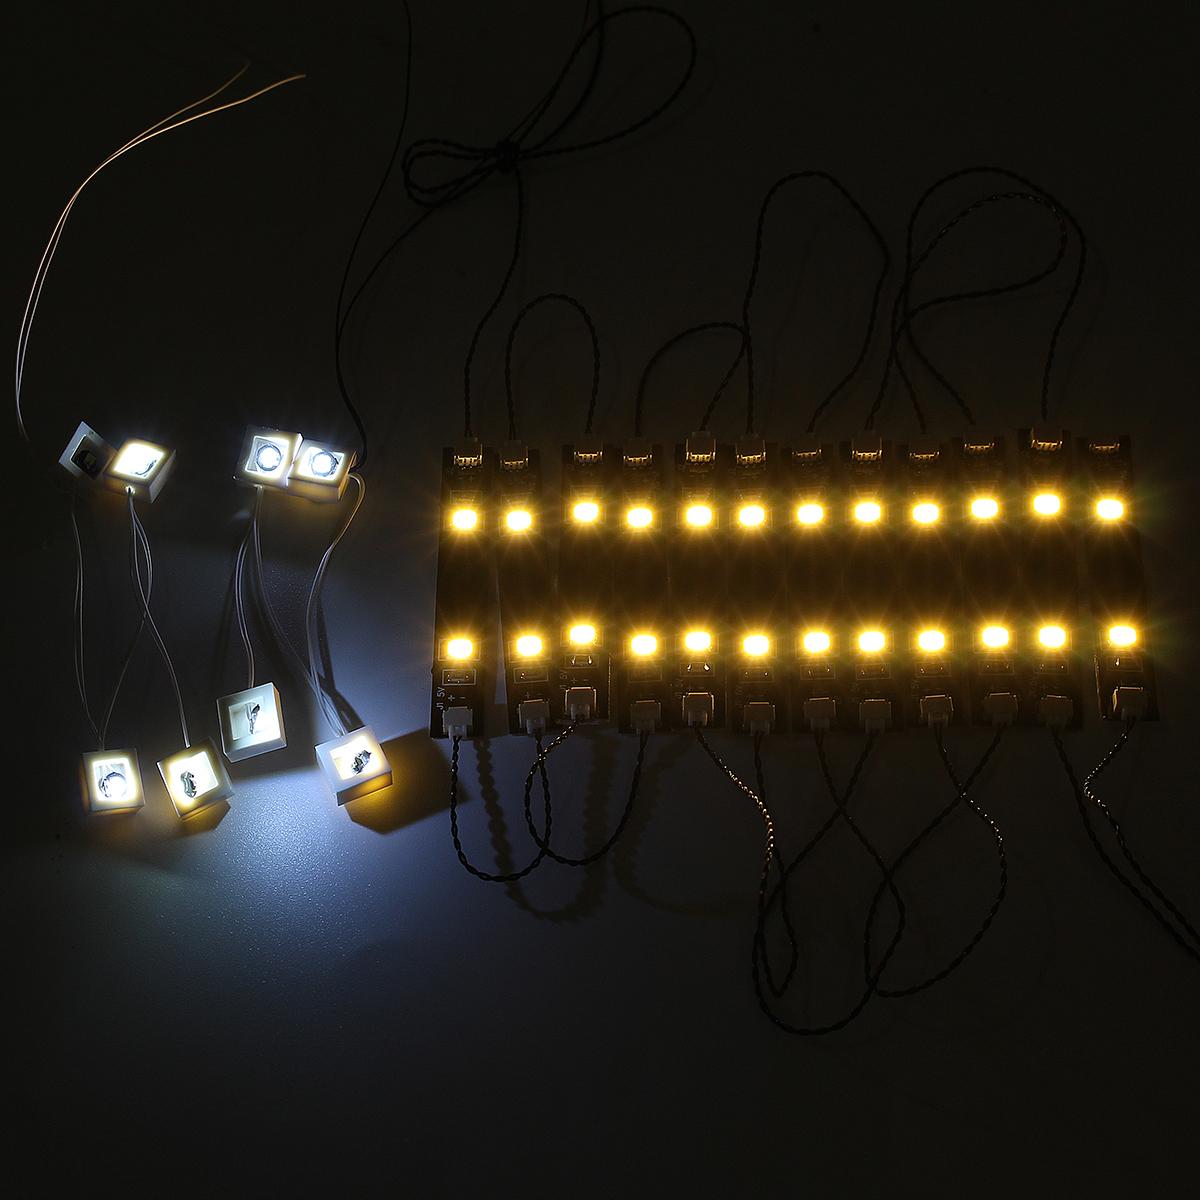 LED Lighting kit for LEGO ® 10243 Parisian Restaurant